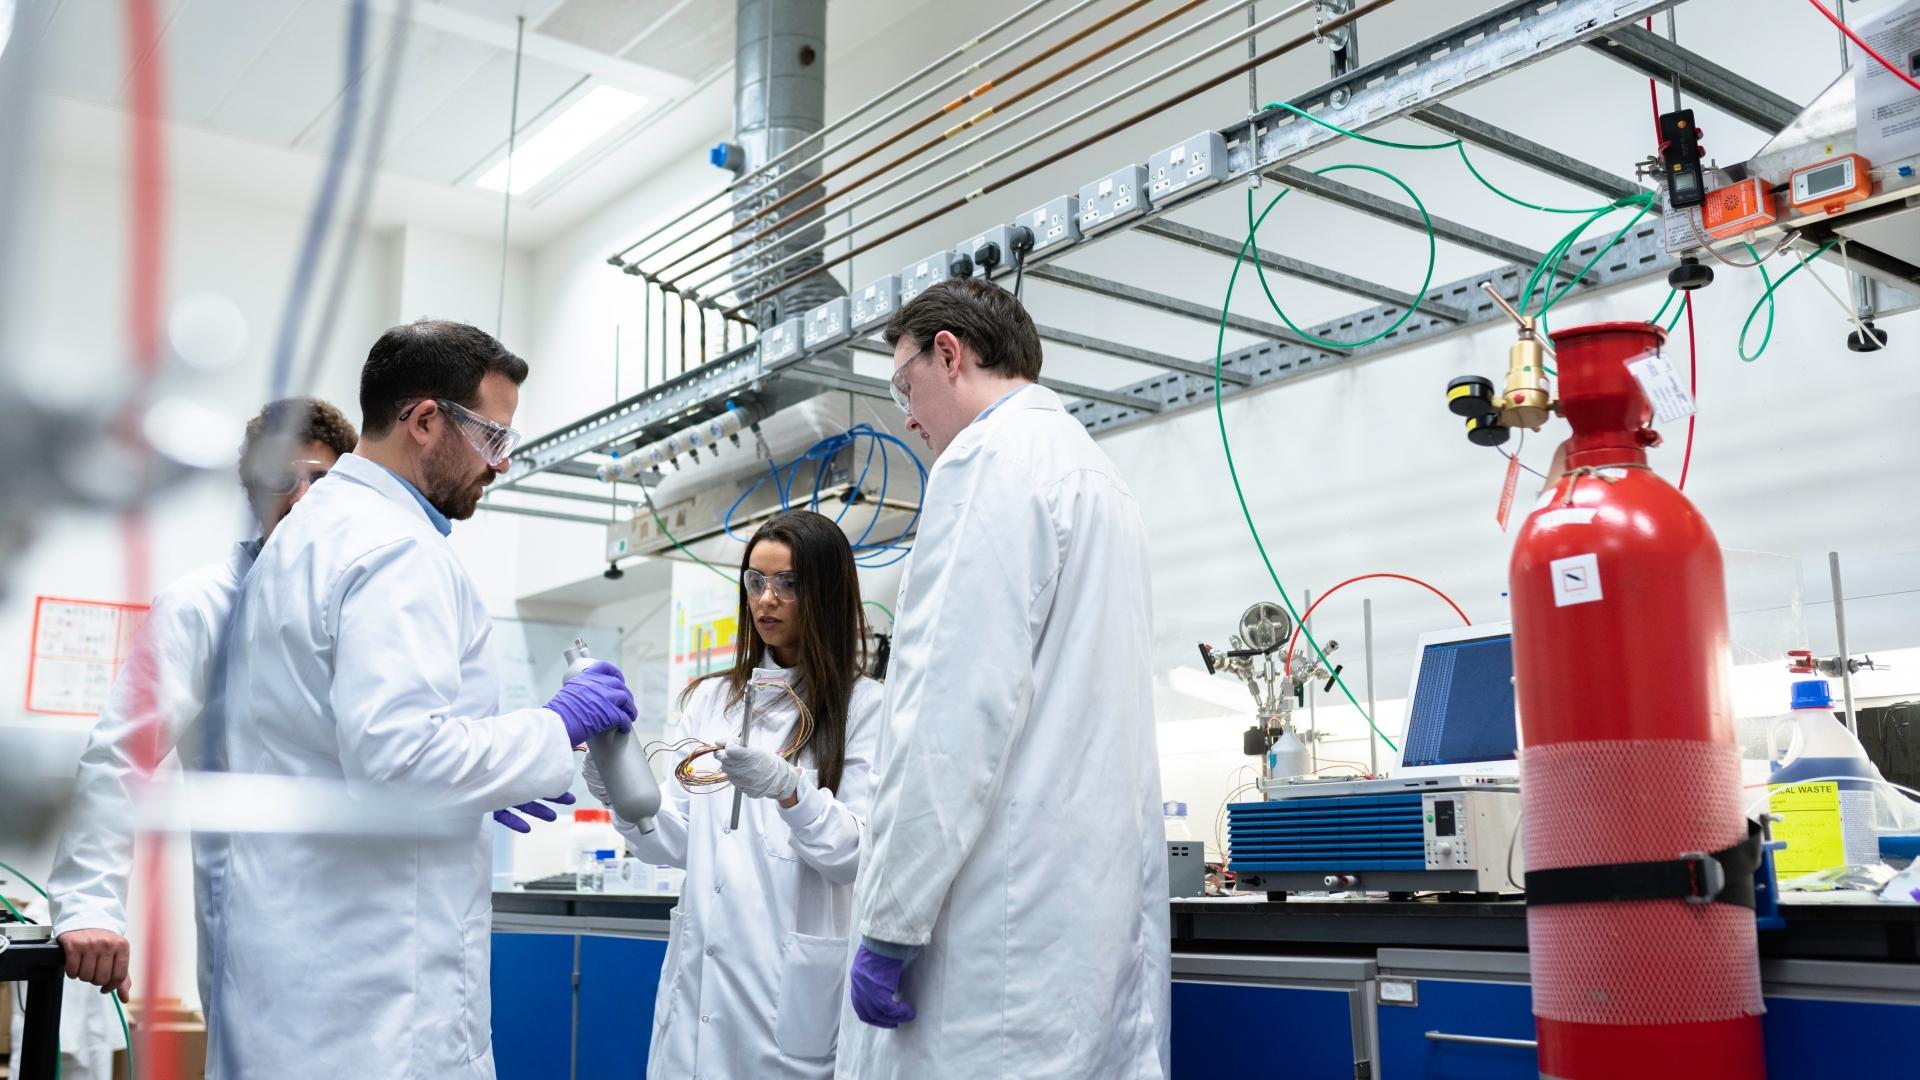 Cientistas de jaleco interagem em um laboratório médico